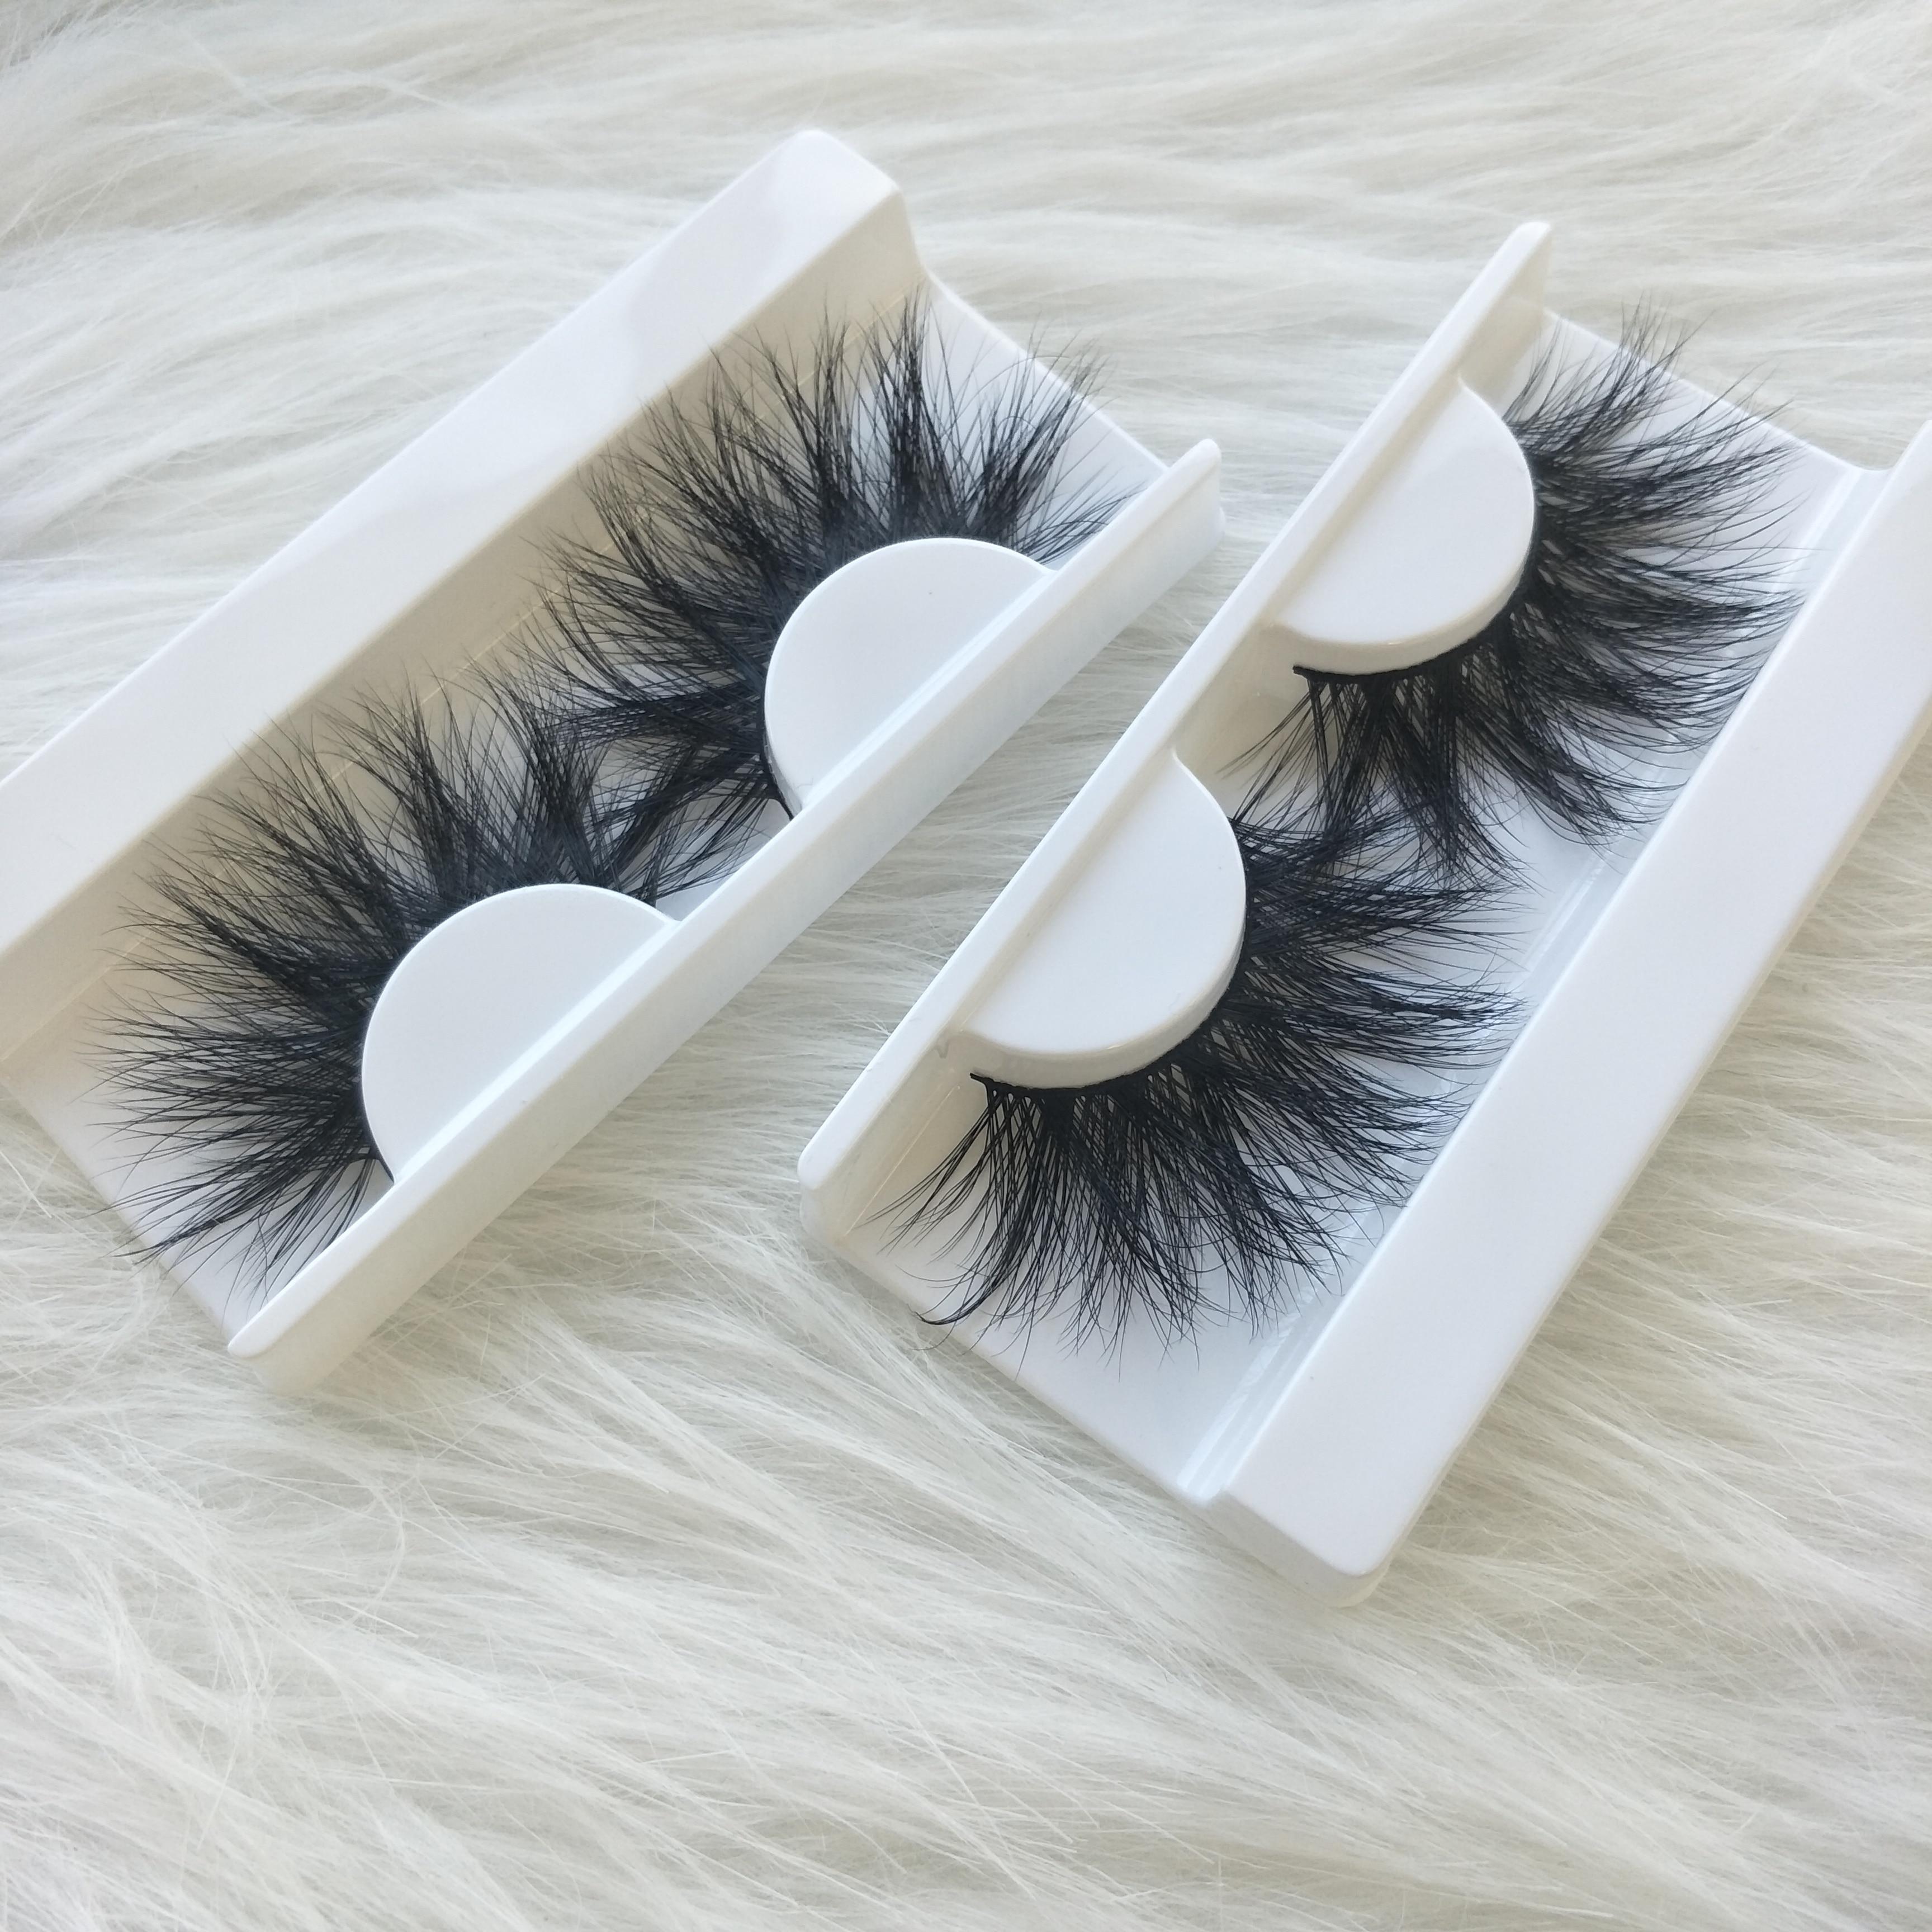 MAYNICE 2/4 Pairs Natural False Eyelashes Fake Lashes Long Makeup 3d Mink Lashes Eyelash Extension Mink Eyelashes For Beauty